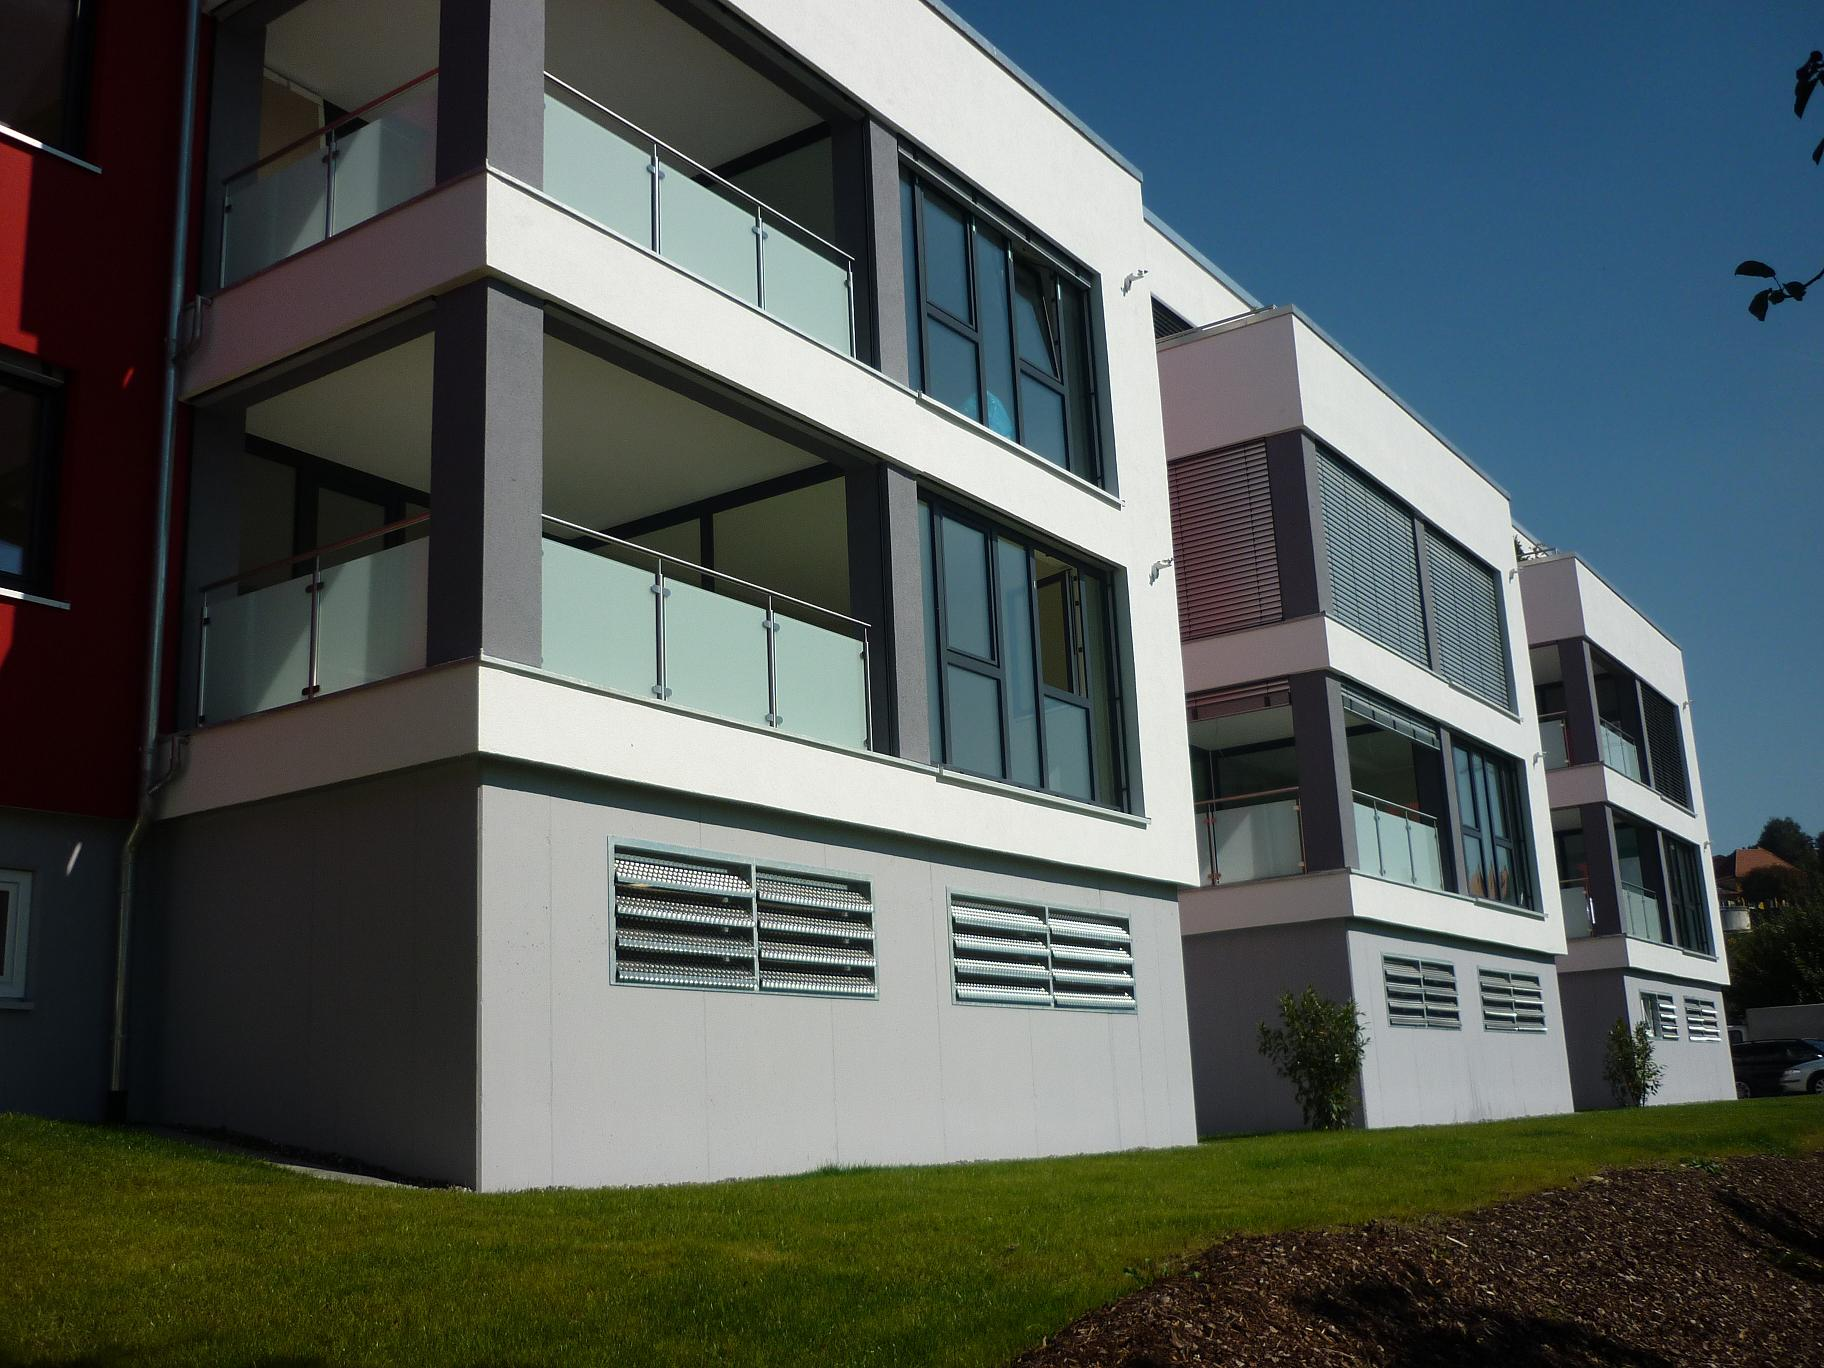 Neubau eines Wohnhauses mit zwölf Wohneinheiten inPfullendorf